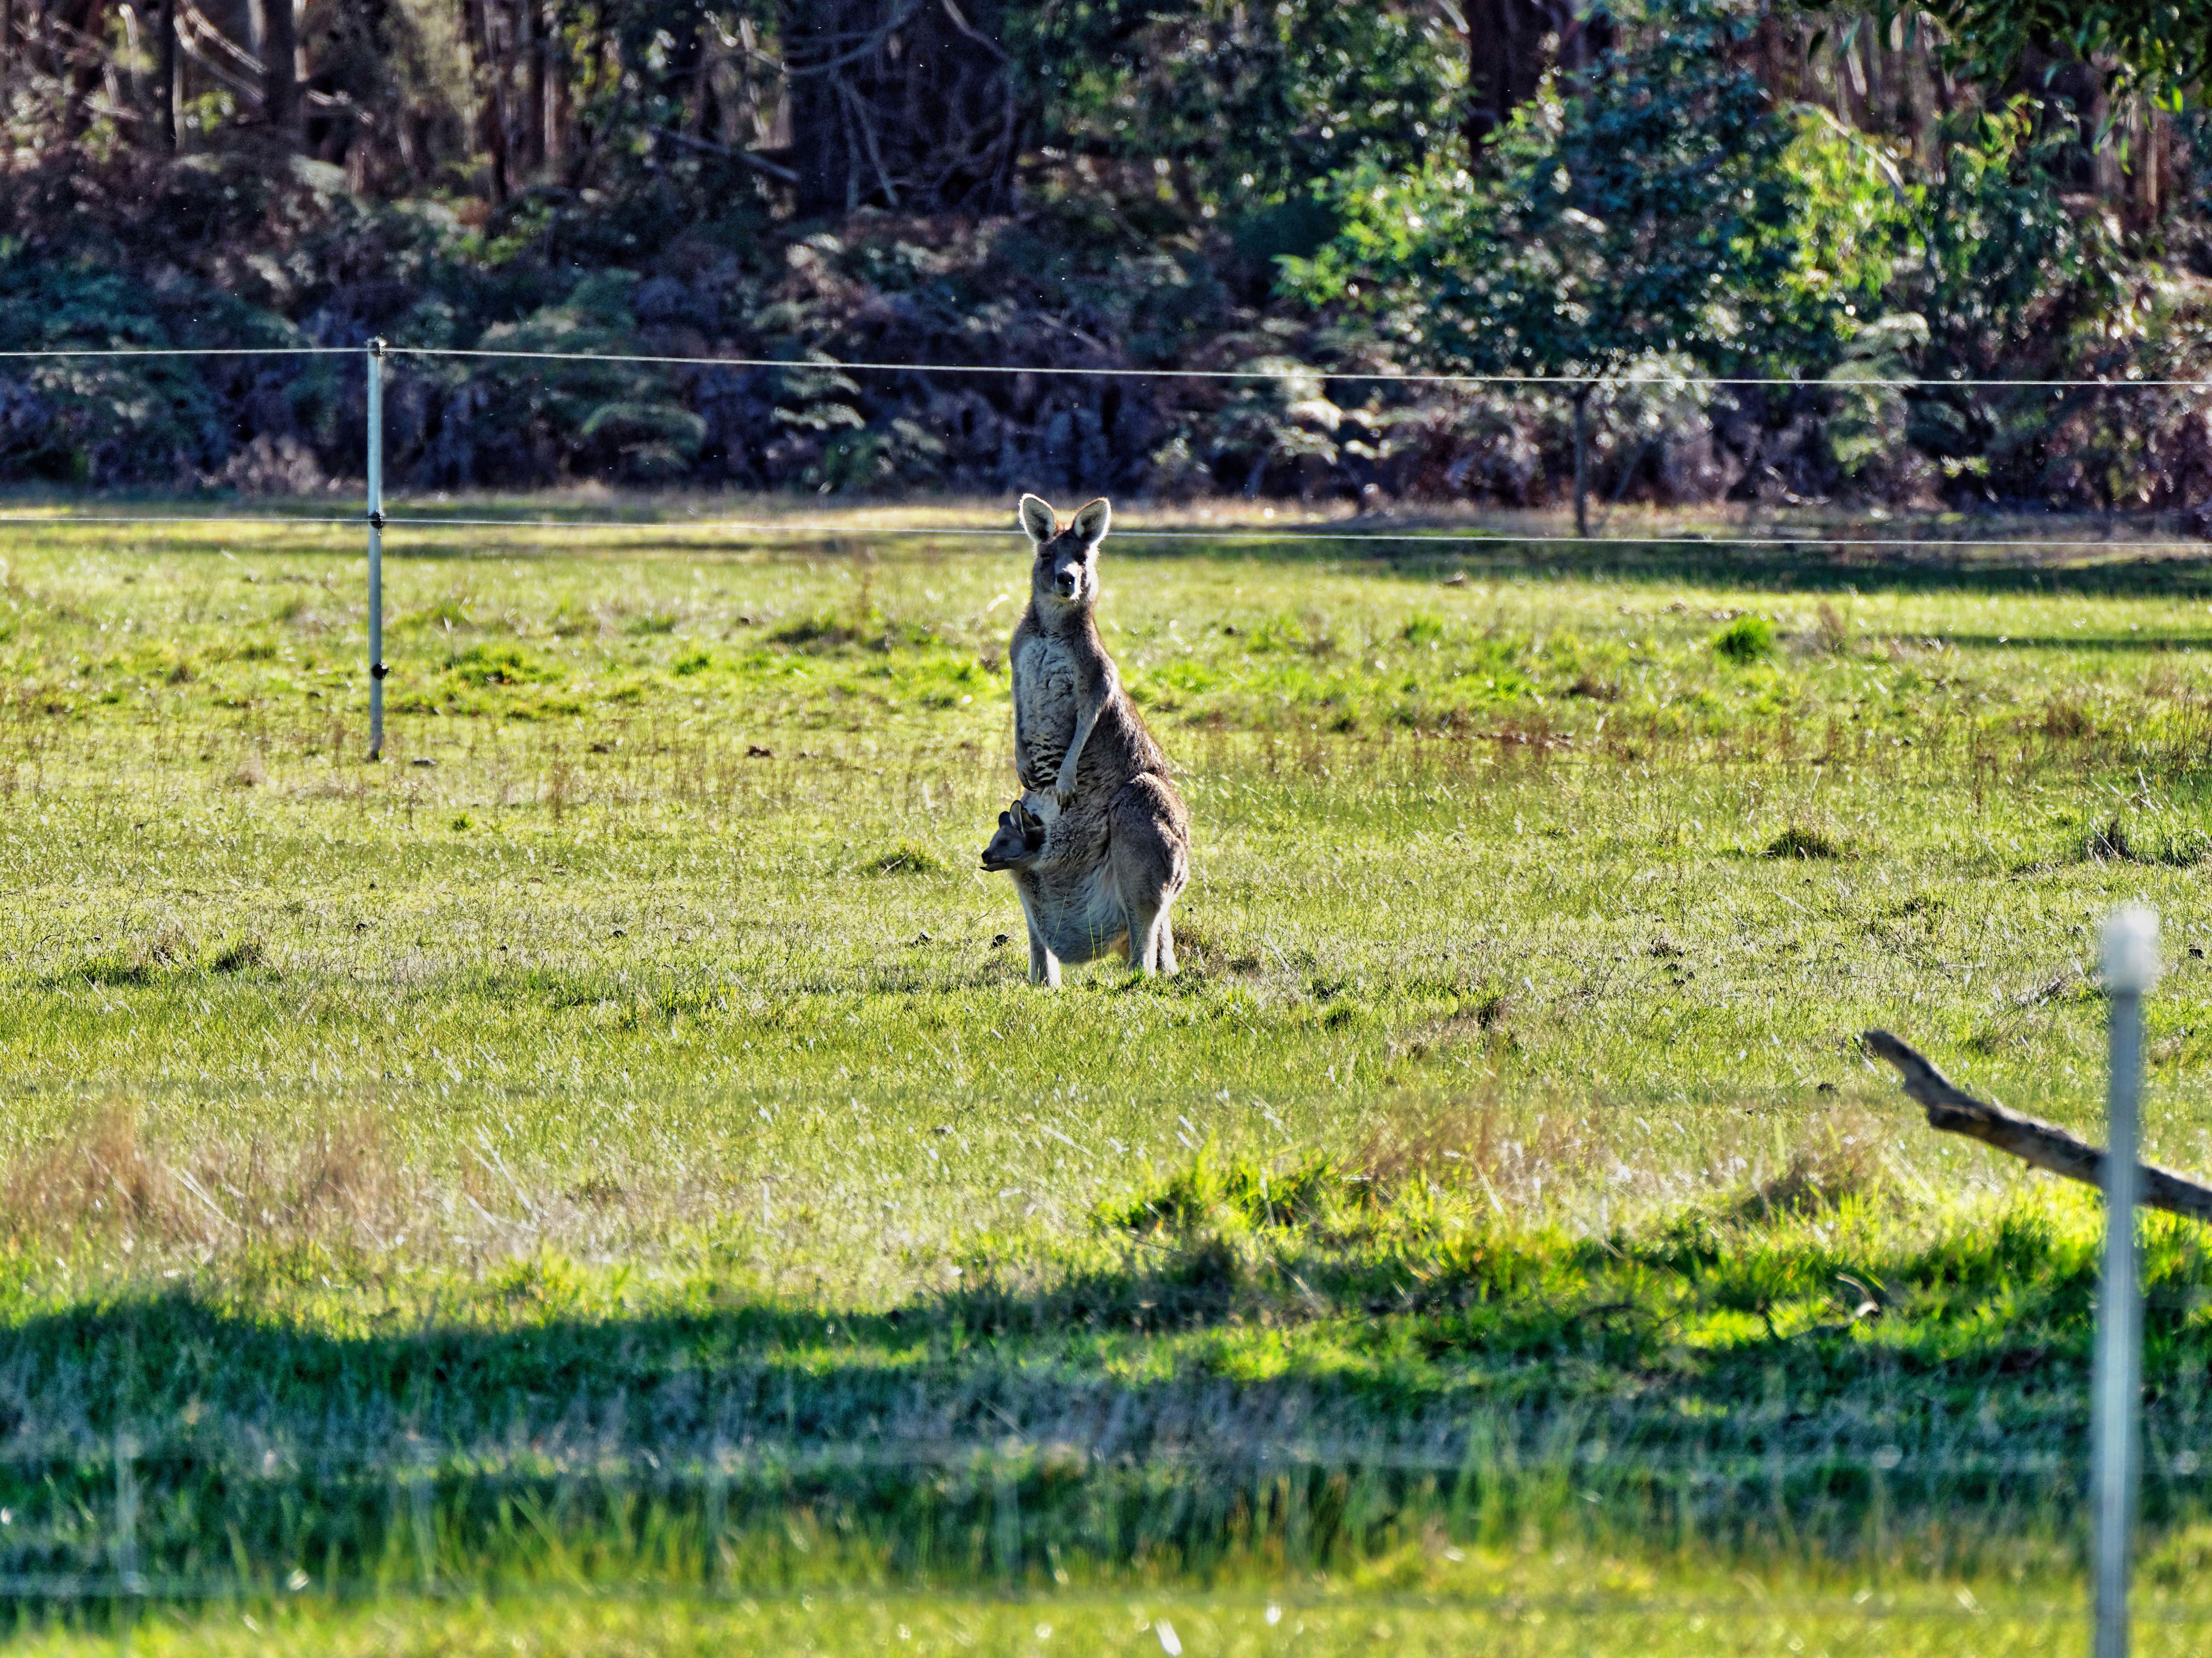 Kangaroos-28.jpeg